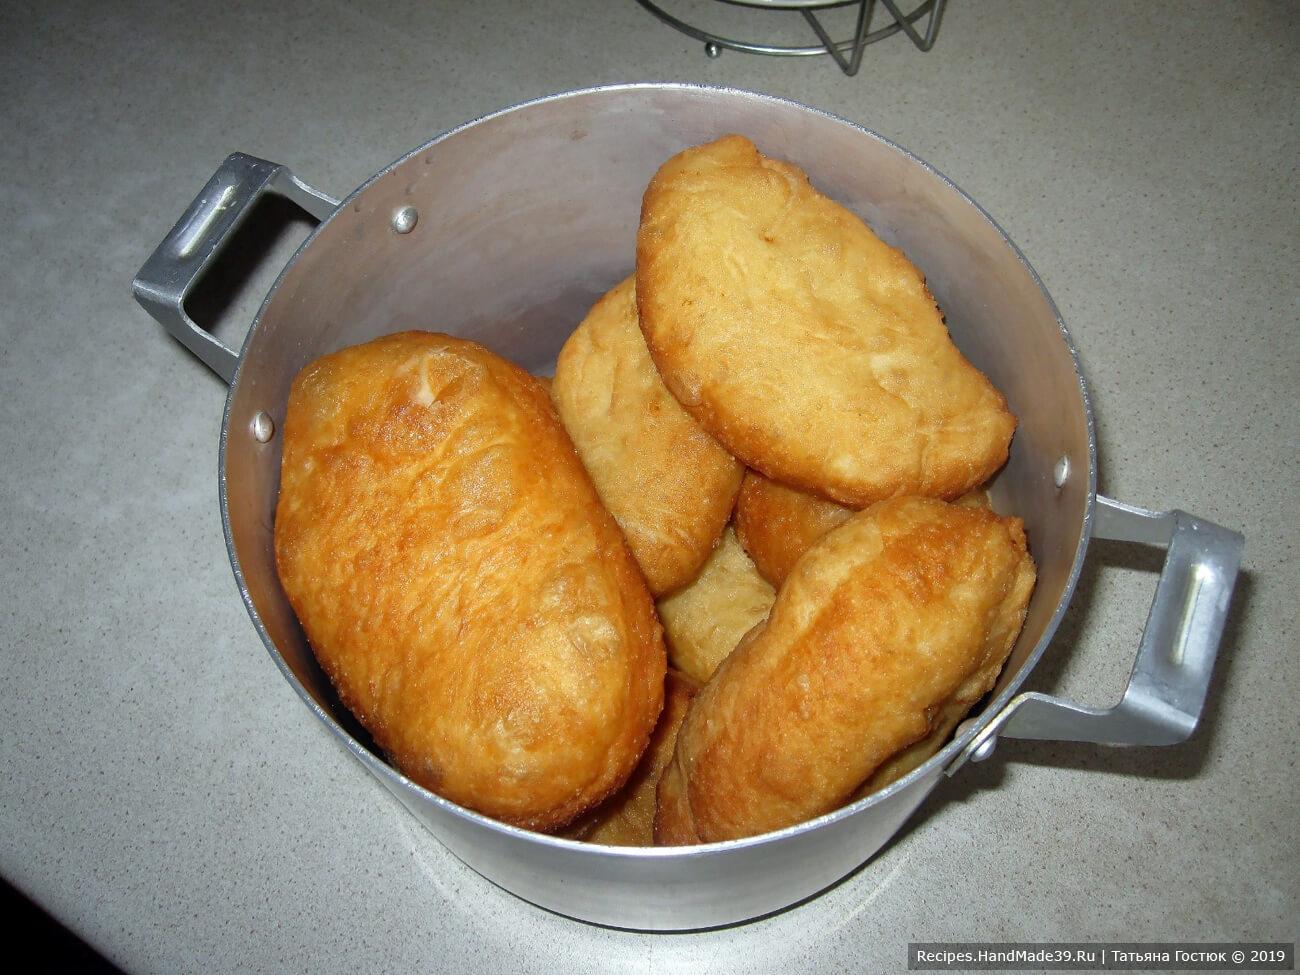 Готовые пирожки укладываем в кастрюлю и накрываем крышкой, чтобы они «отошли» после жарки и стали мягонькими